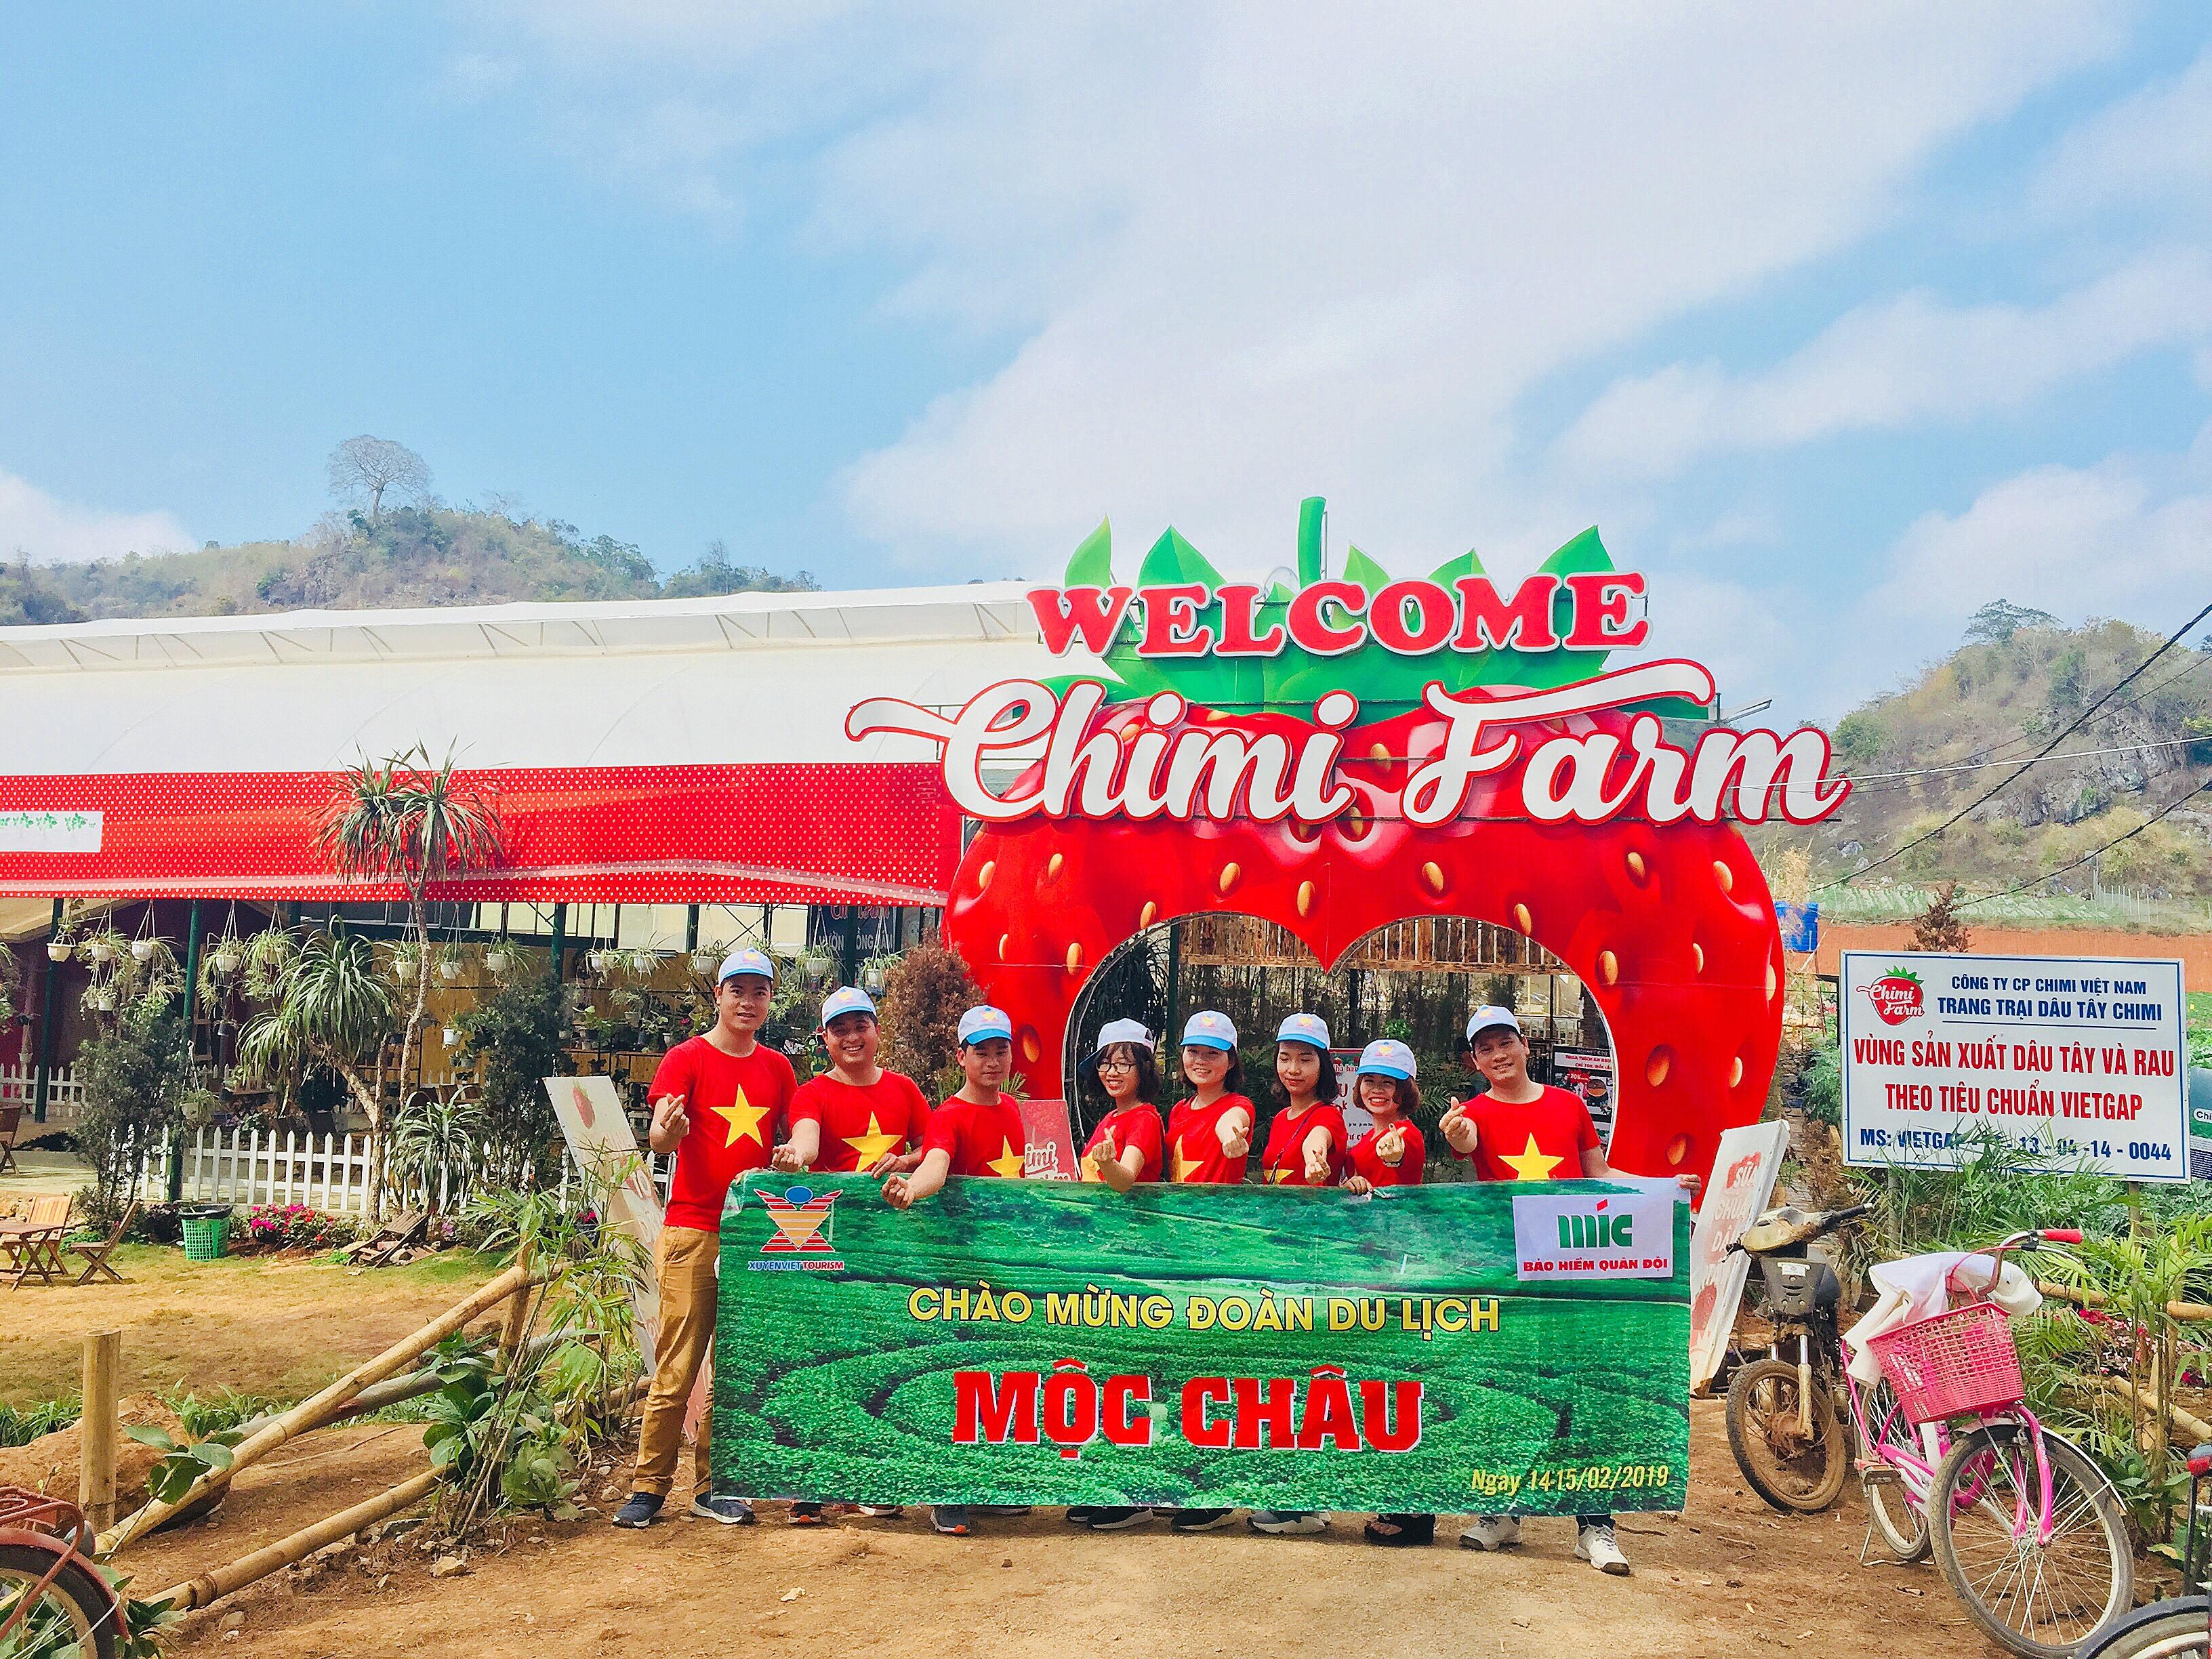 Chính vụ dâu tây Chimi Farm Mộc Châu chín vào tháng mấy?